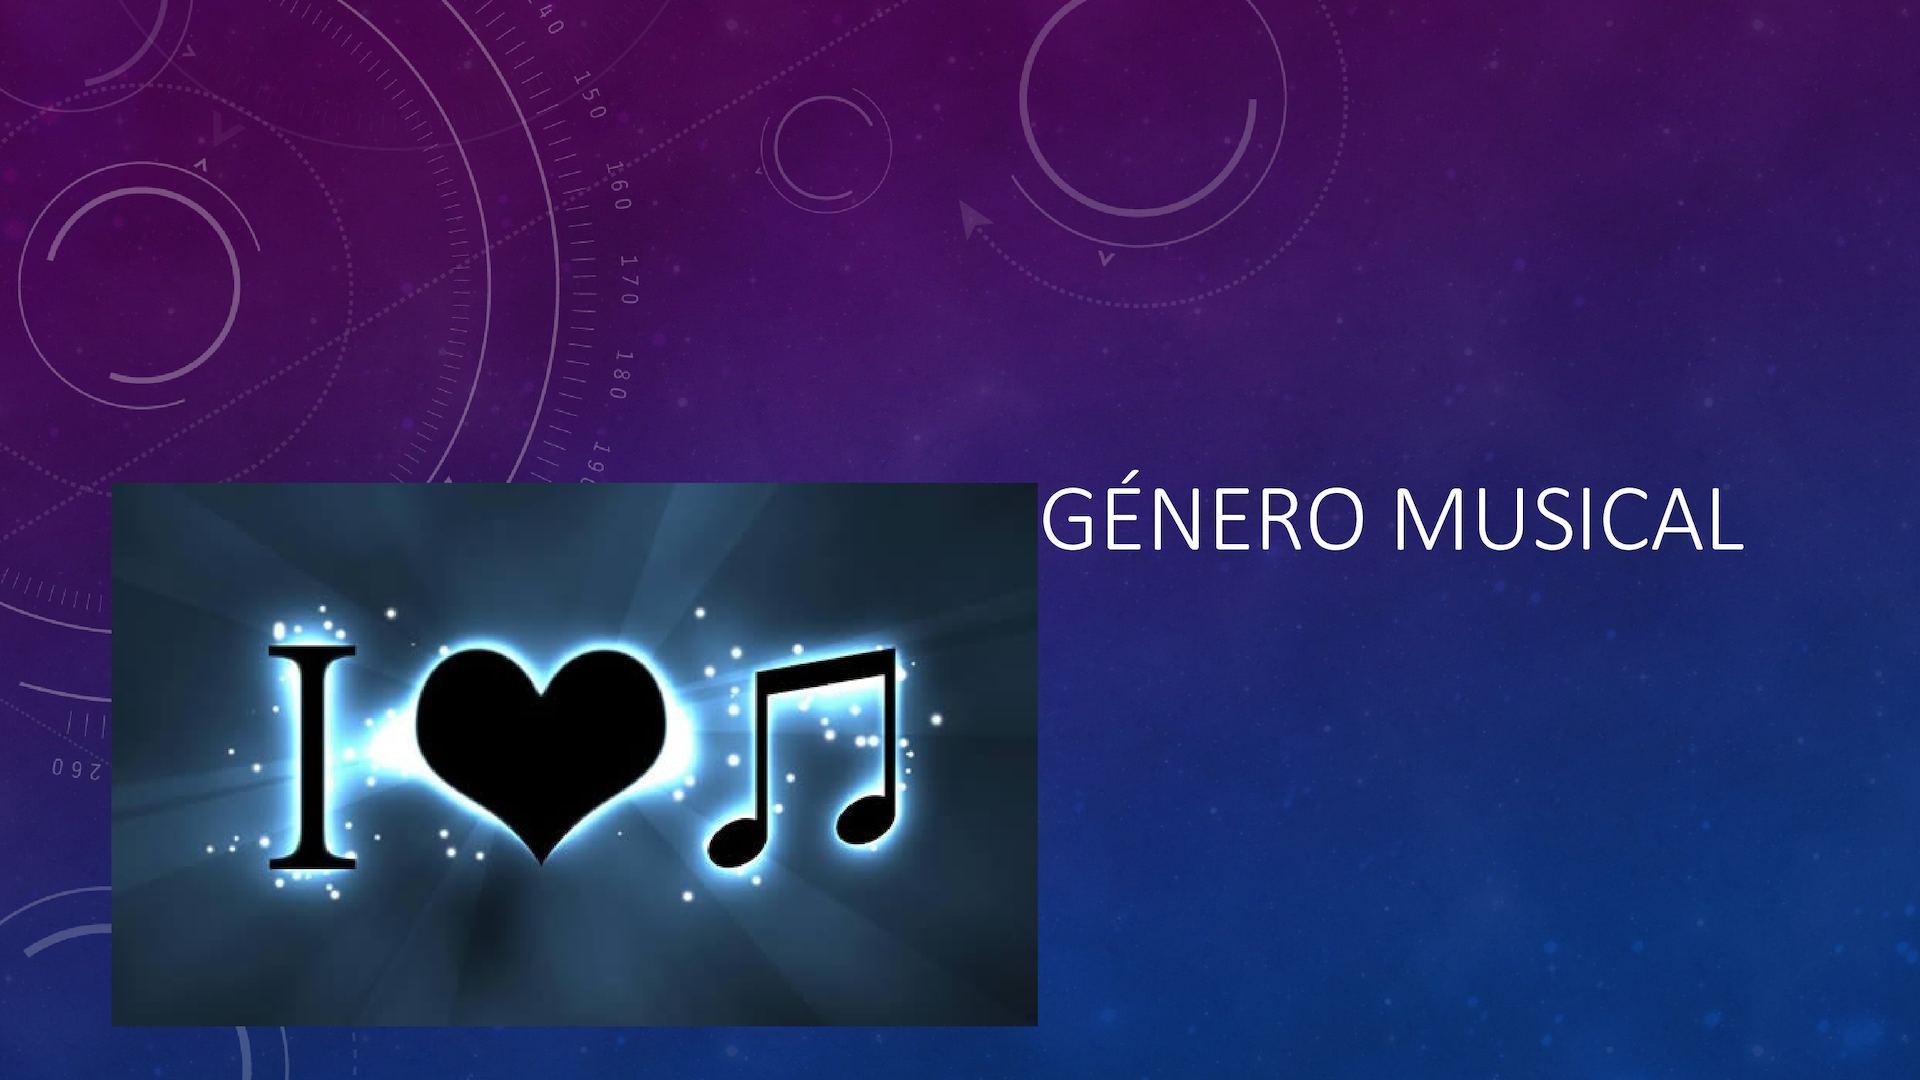 genero musical